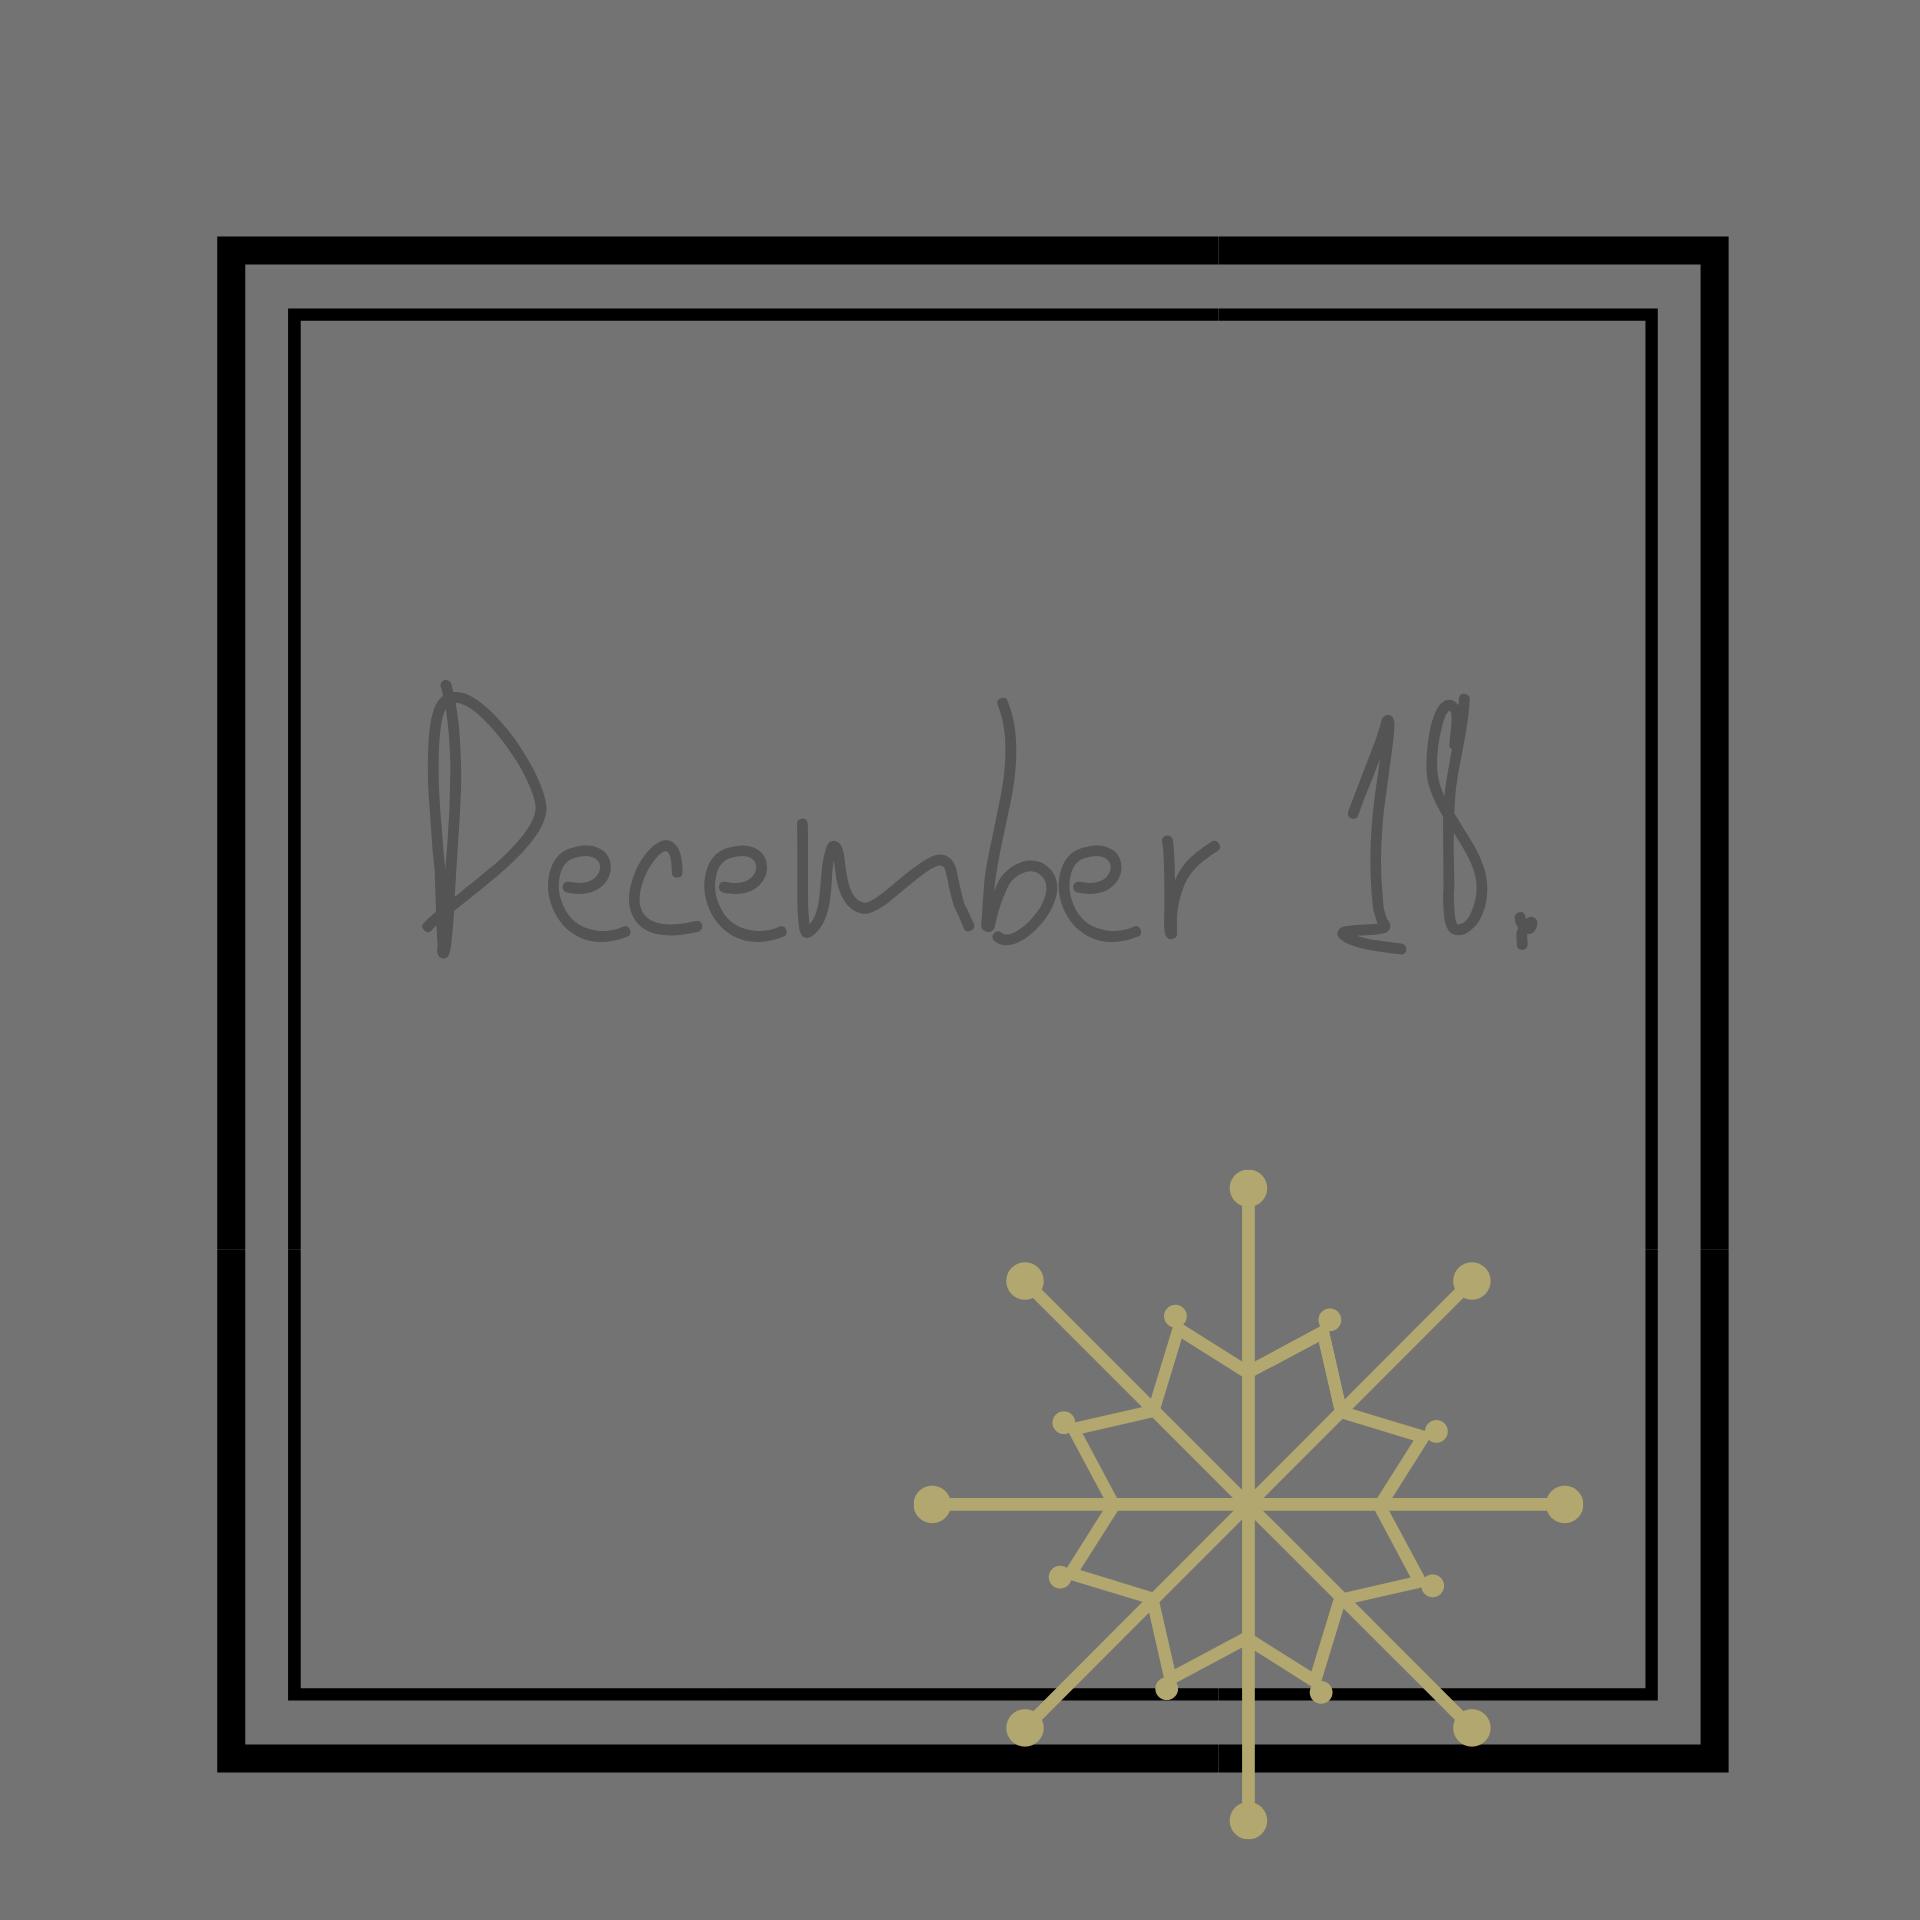 dec18_1.png